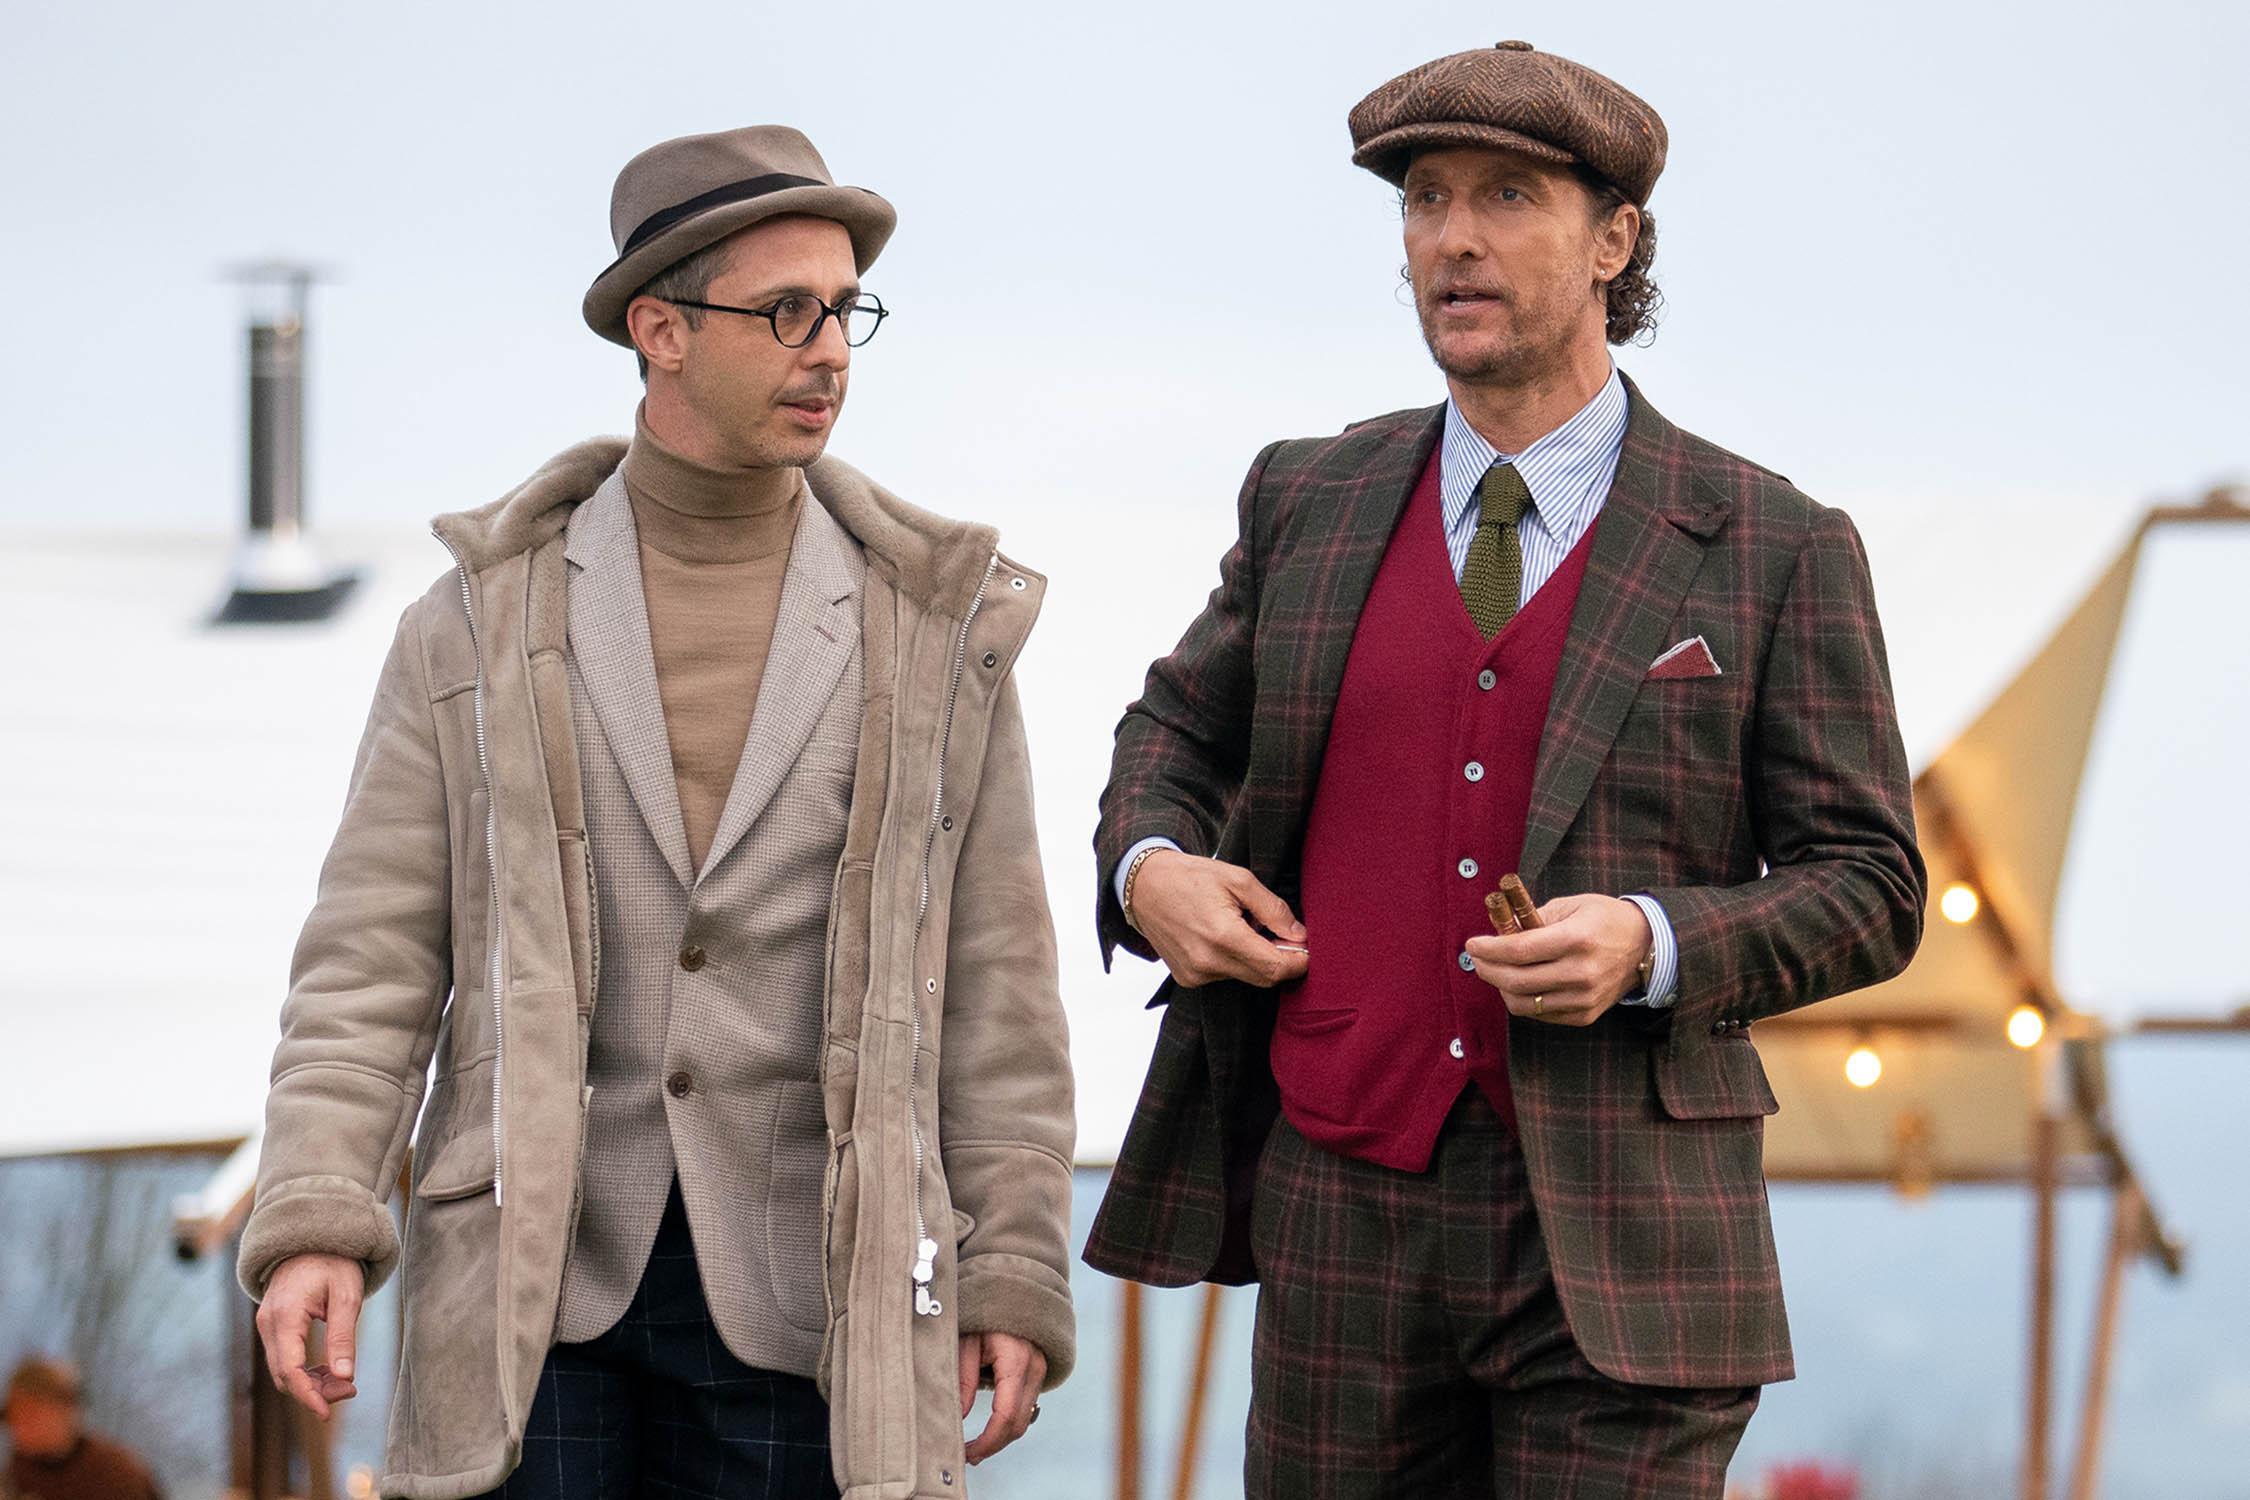 """""""Dżentelmeni"""", czyli bardzo styli gangsterzy. Filmowe kostiumy skradły show"""